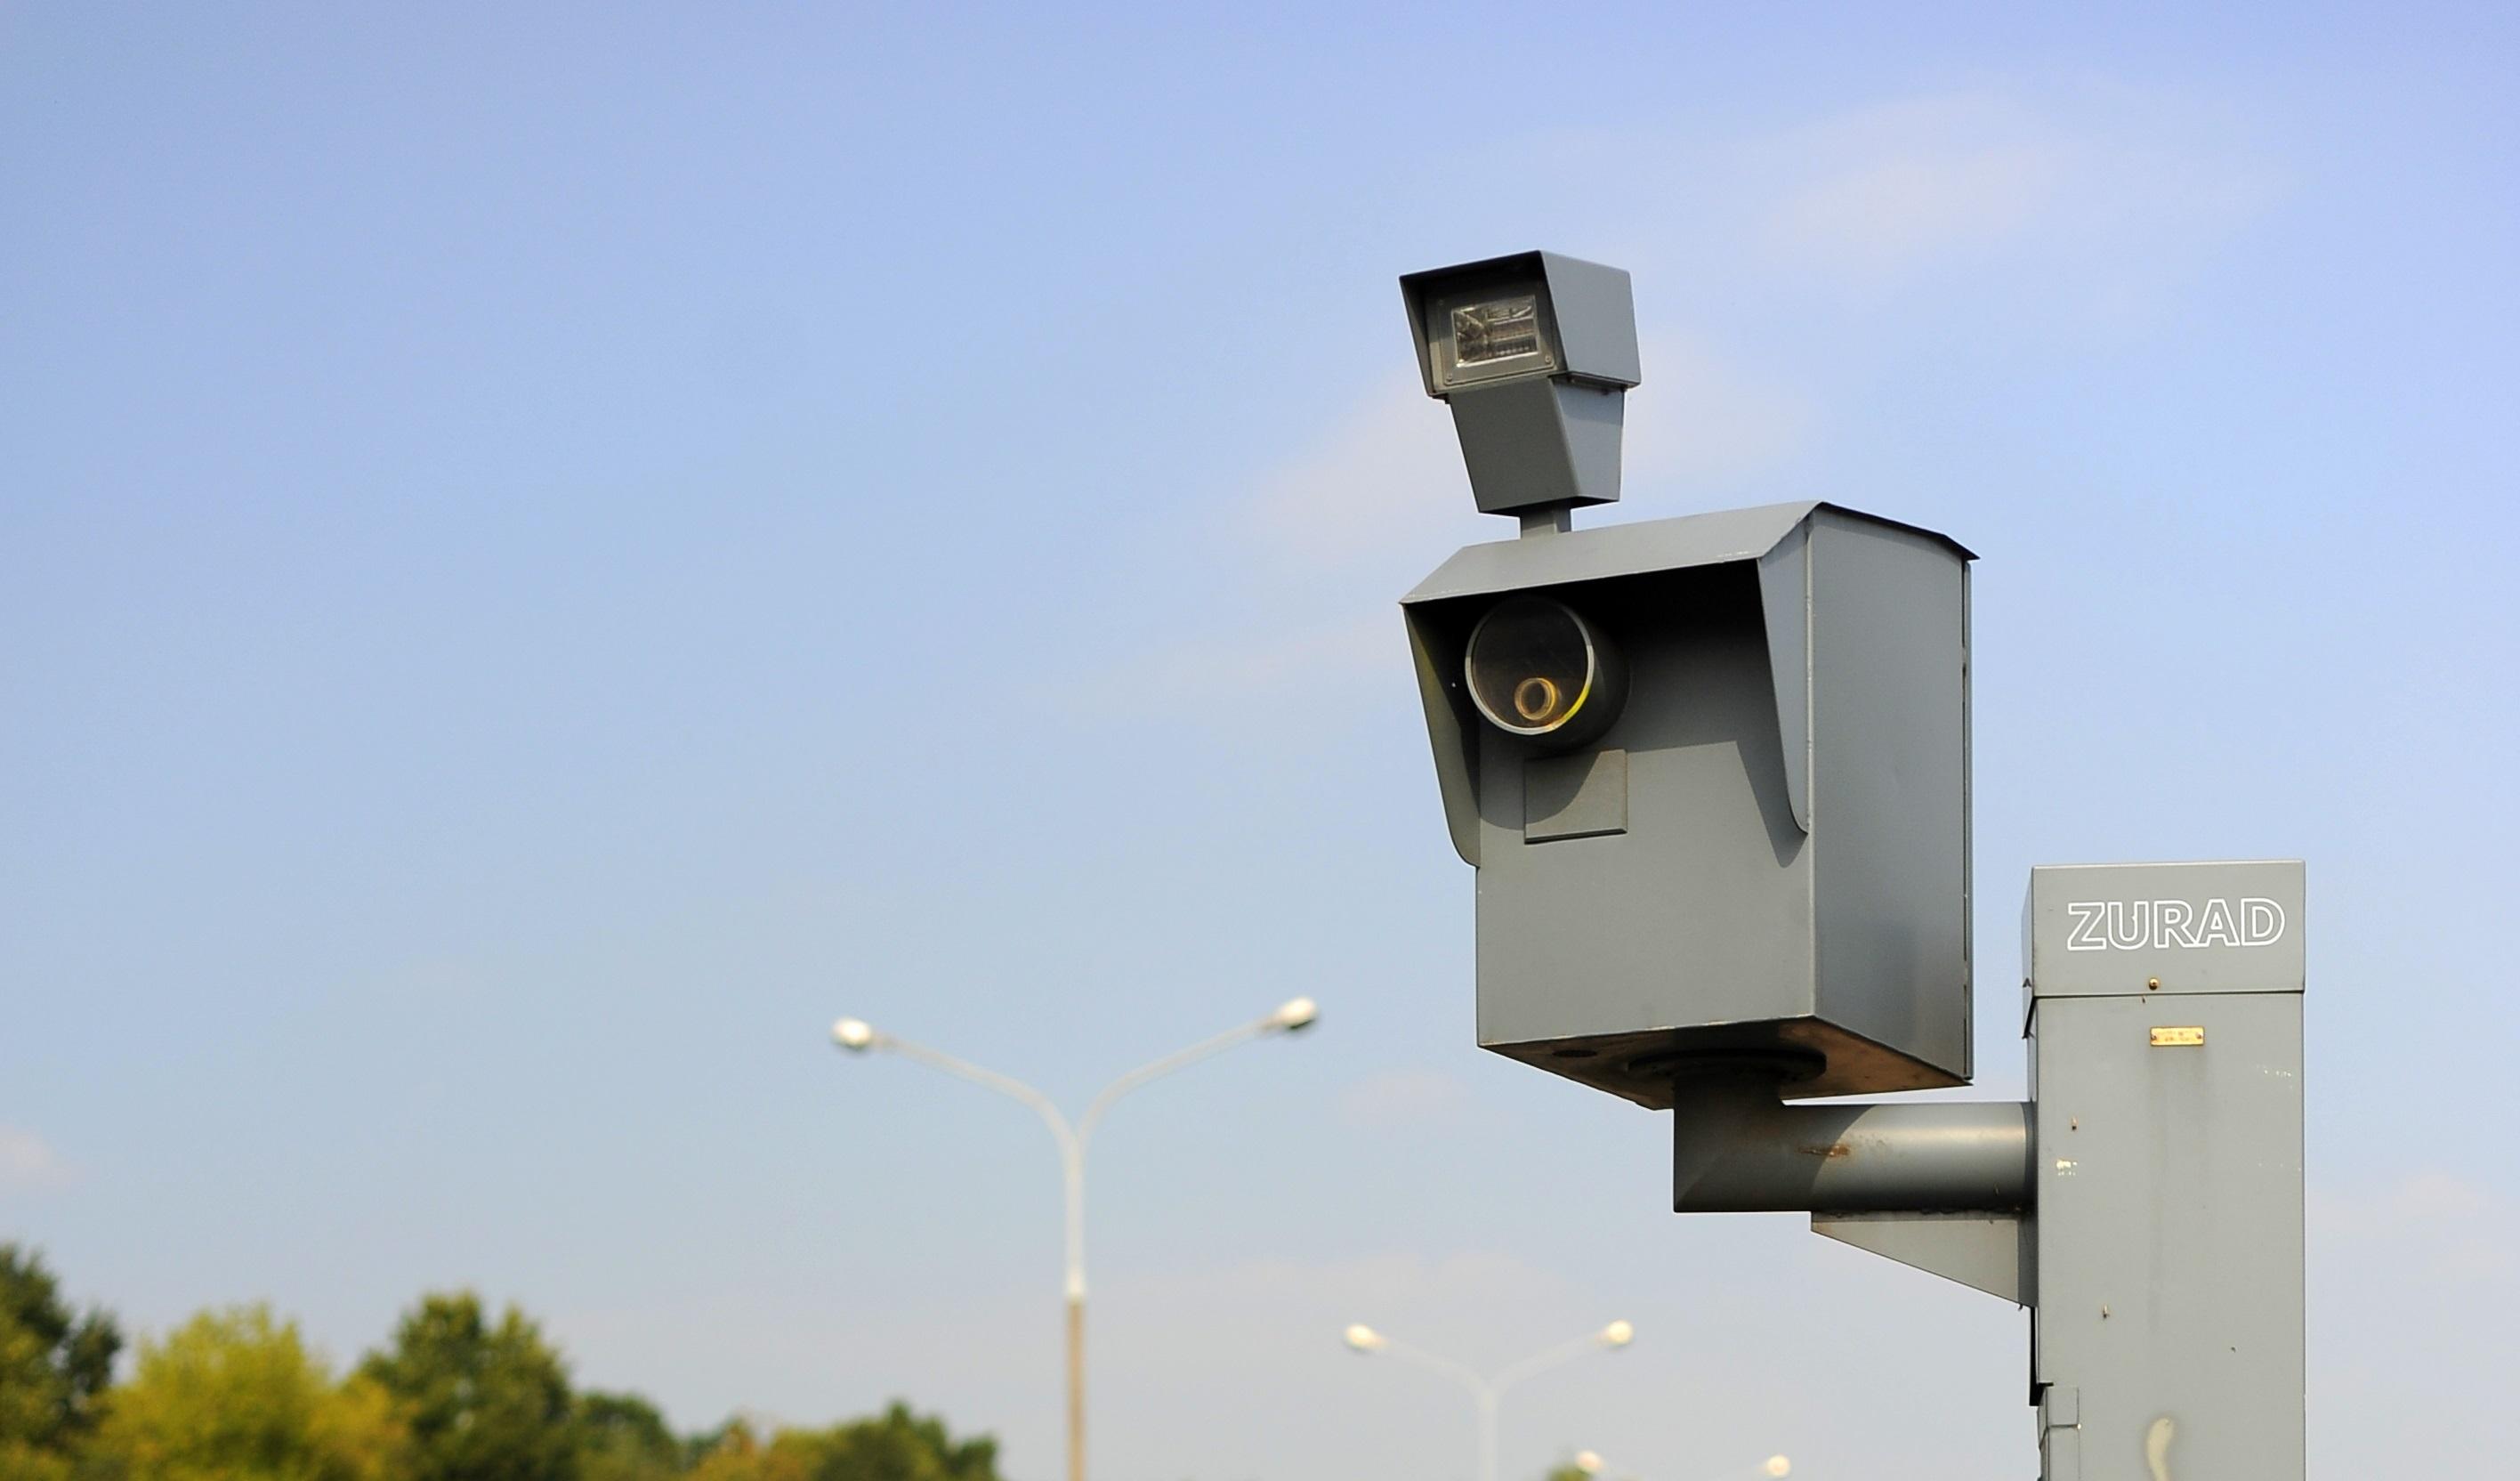 26 nowych radarów stanie w całej Polsce. Znamy dokładne miejsca [LISTA]